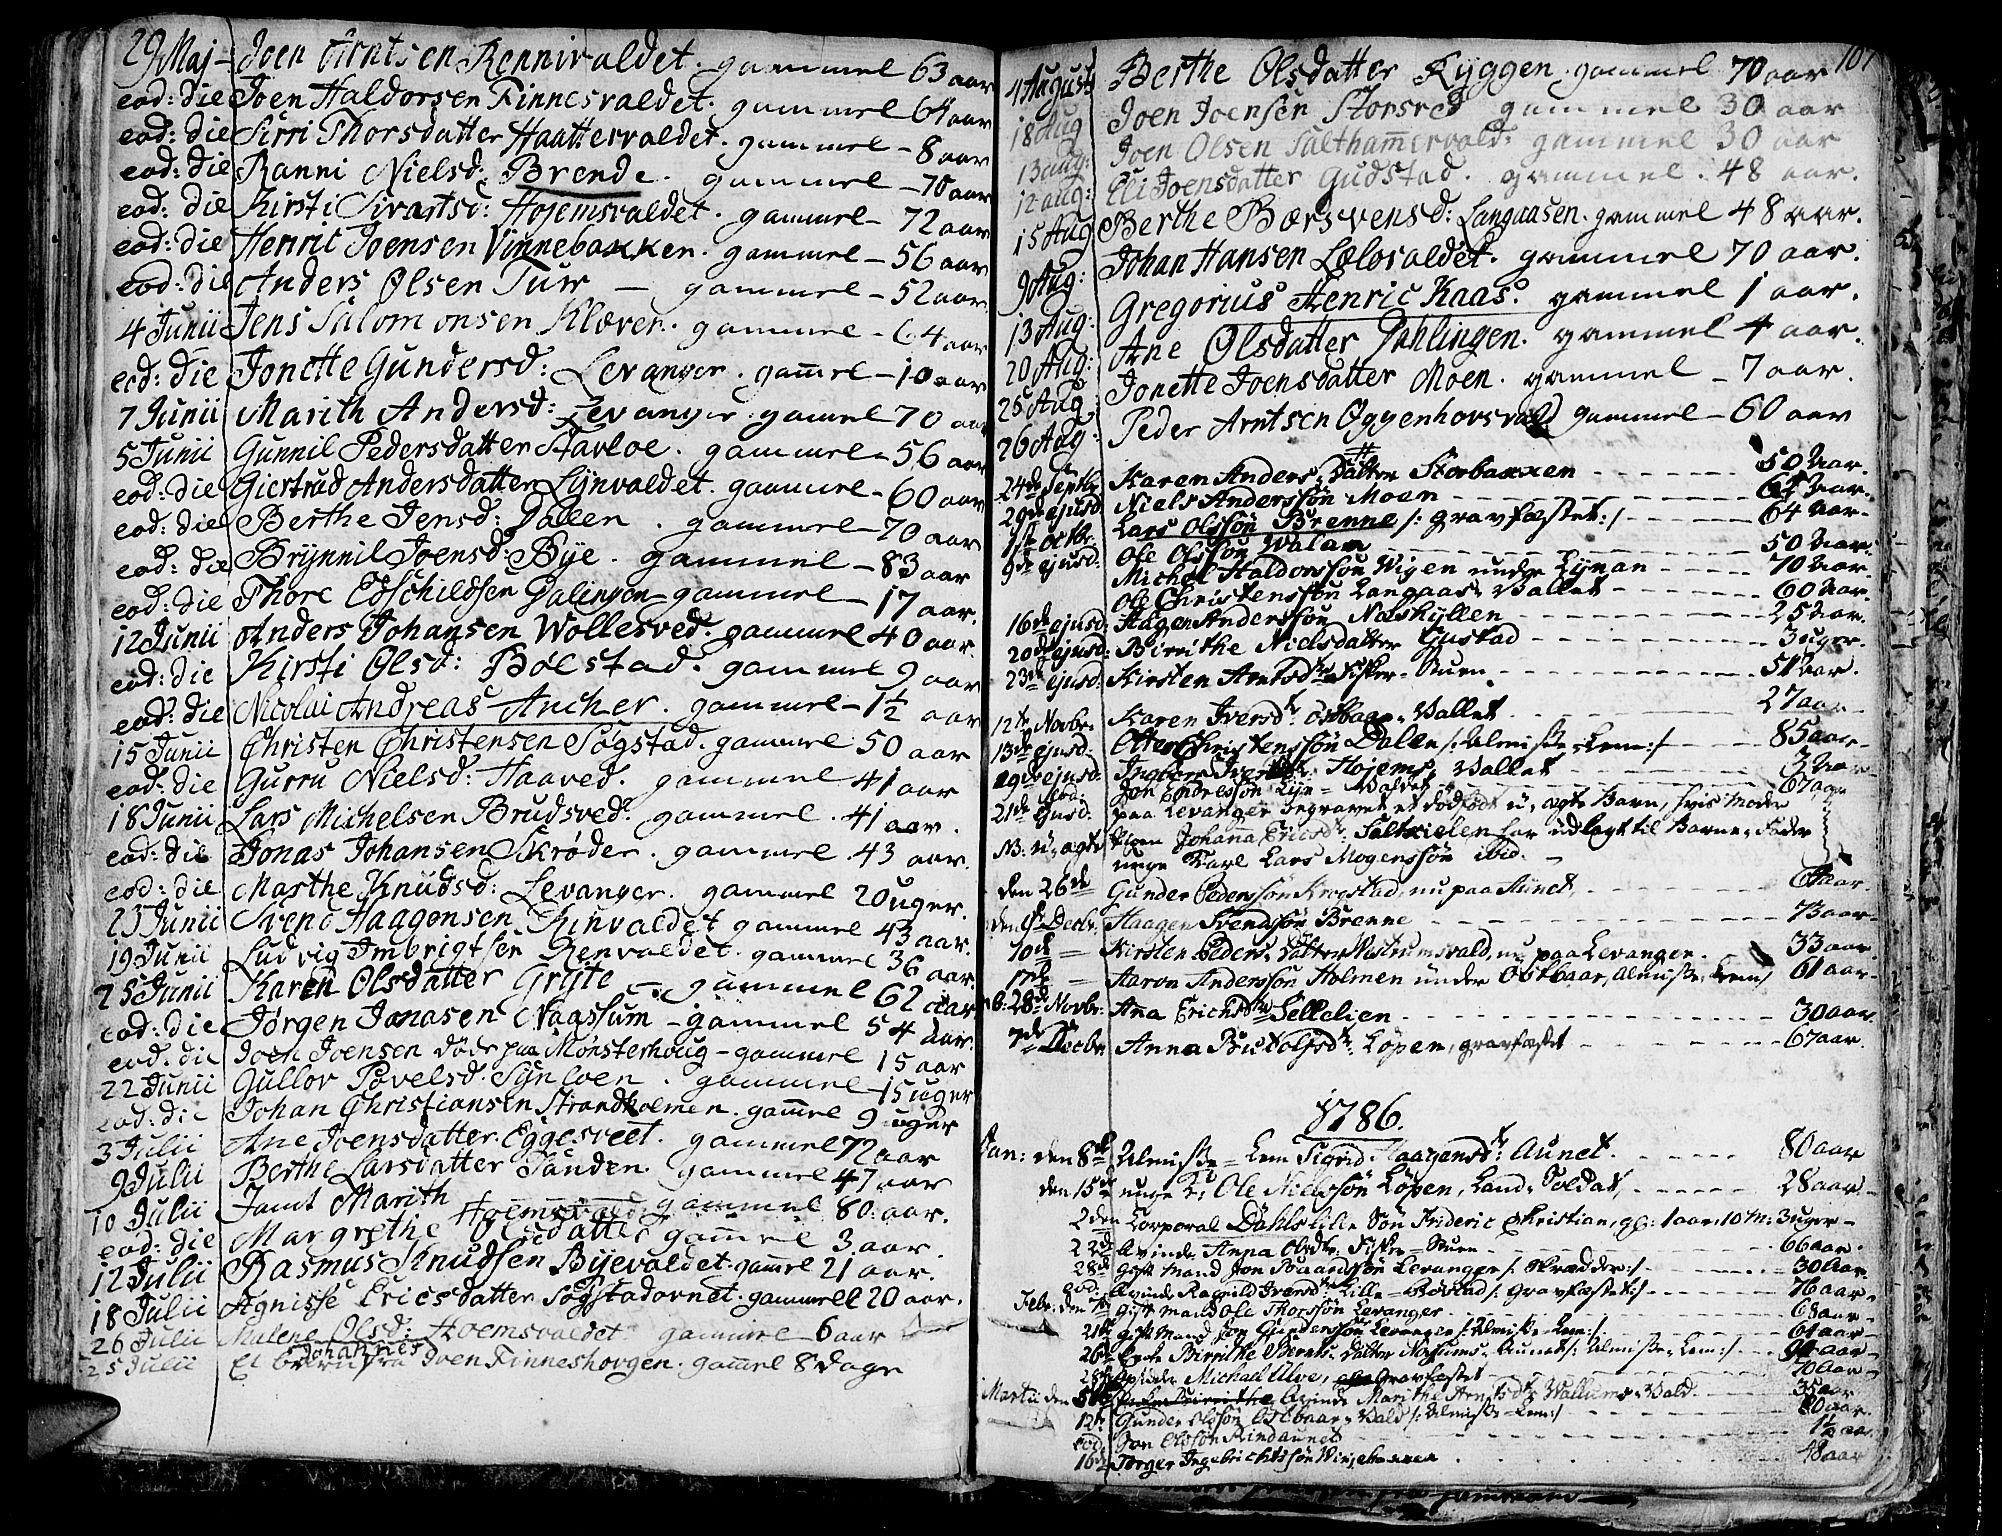 SAT, Ministerialprotokoller, klokkerbøker og fødselsregistre - Nord-Trøndelag, 717/L0142: Ministerialbok nr. 717A02 /1, 1783-1809, s. 107